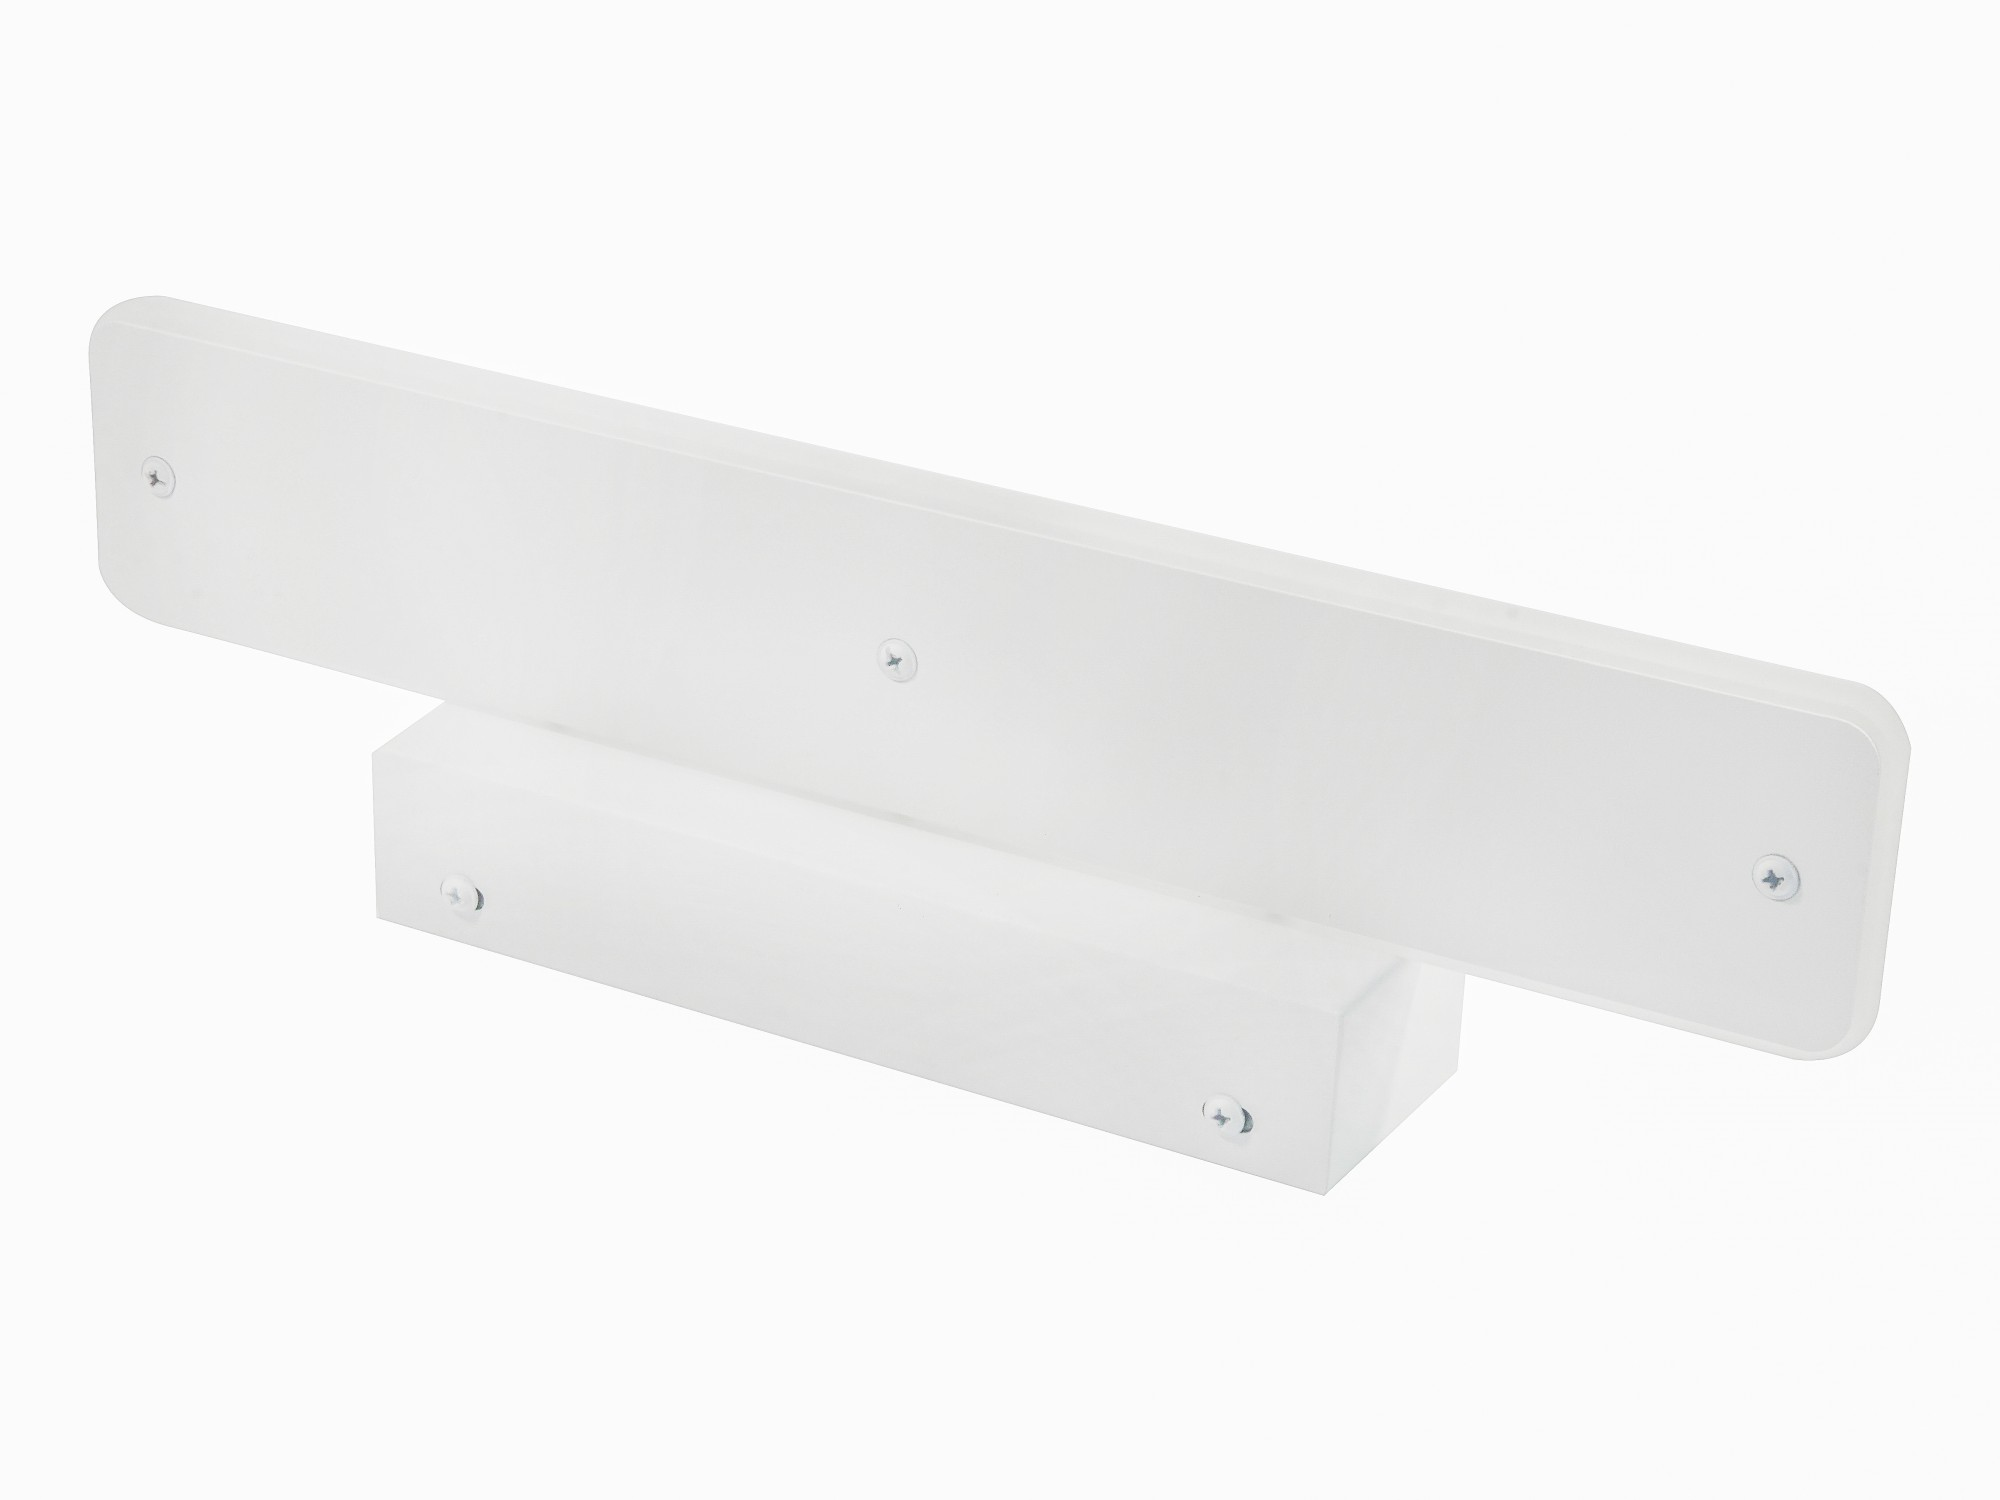 Kinkiet Led łazienkowy Lampa Nad Lustro 12w 37 Cm Superledpolandpl